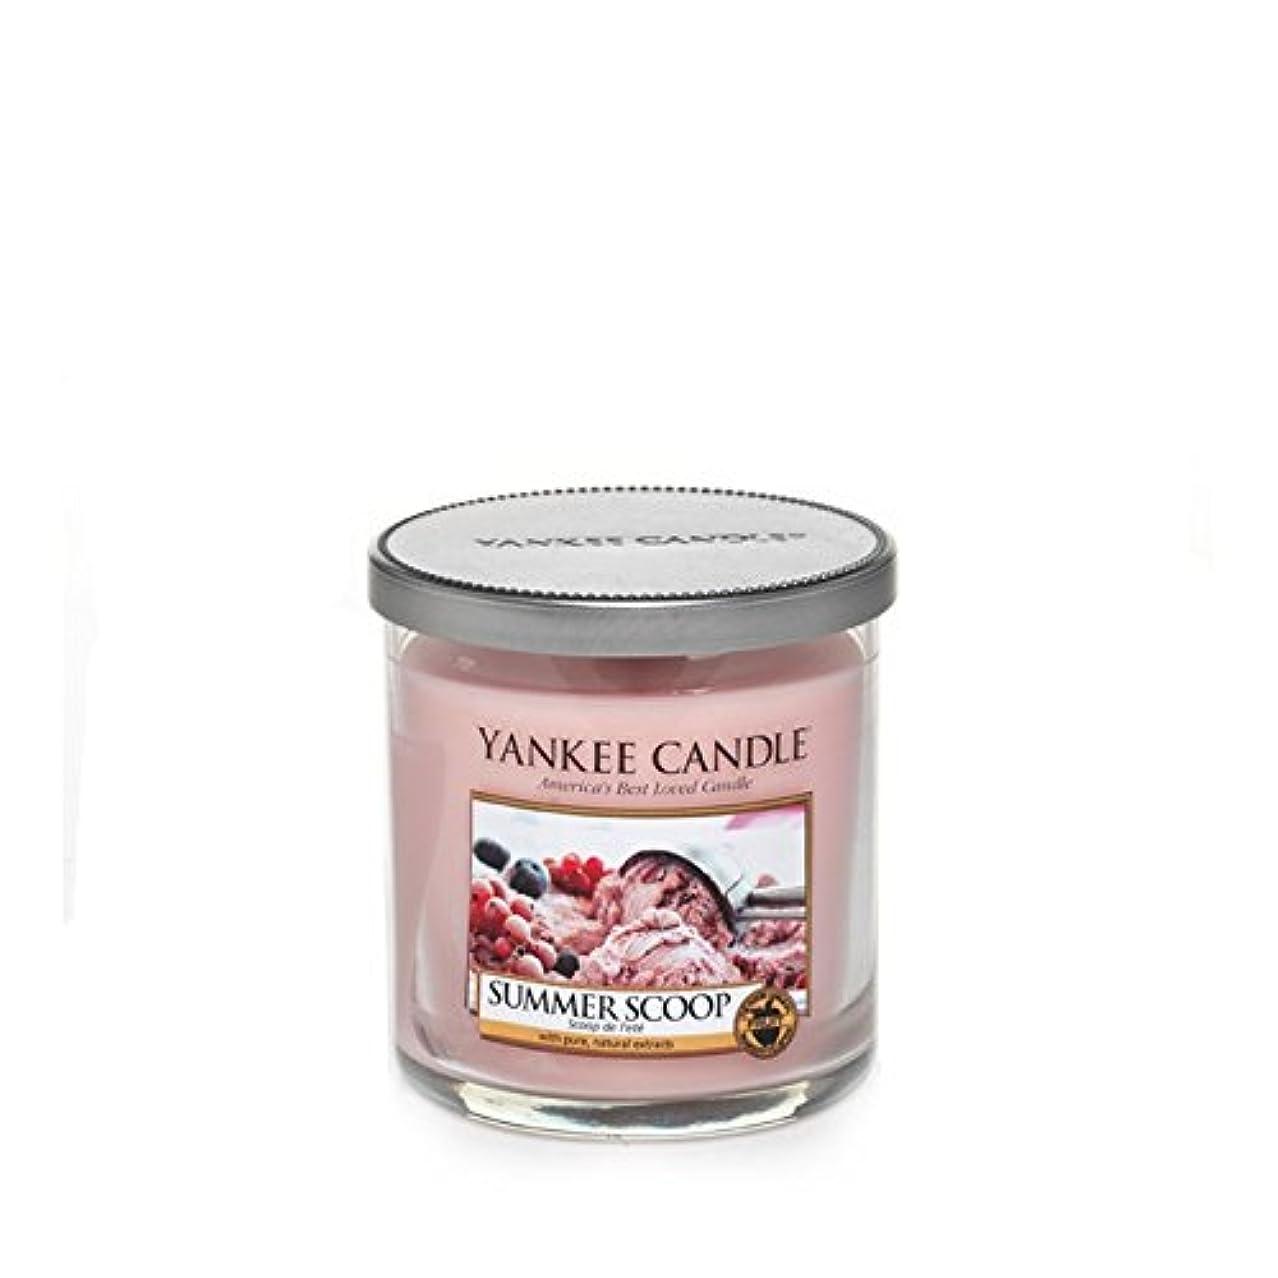 許可する豊富弁護ヤンキーキャンドルの小さな柱キャンドル - 夏のスクープ - Yankee Candles Small Pillar Candle - Summer Scoop (Yankee Candles) [並行輸入品]